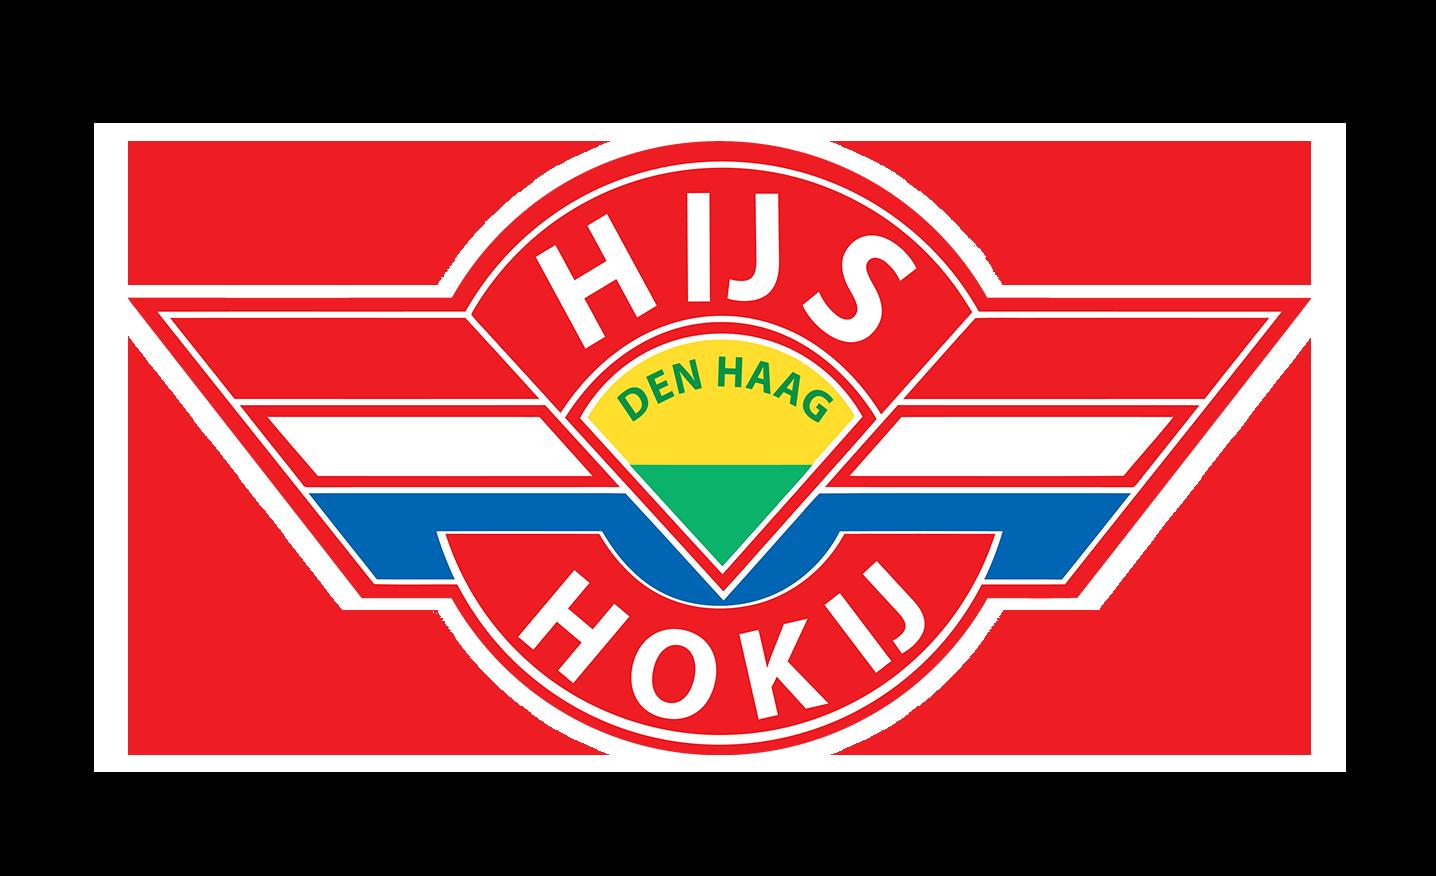 Cairox Hijs Hokij